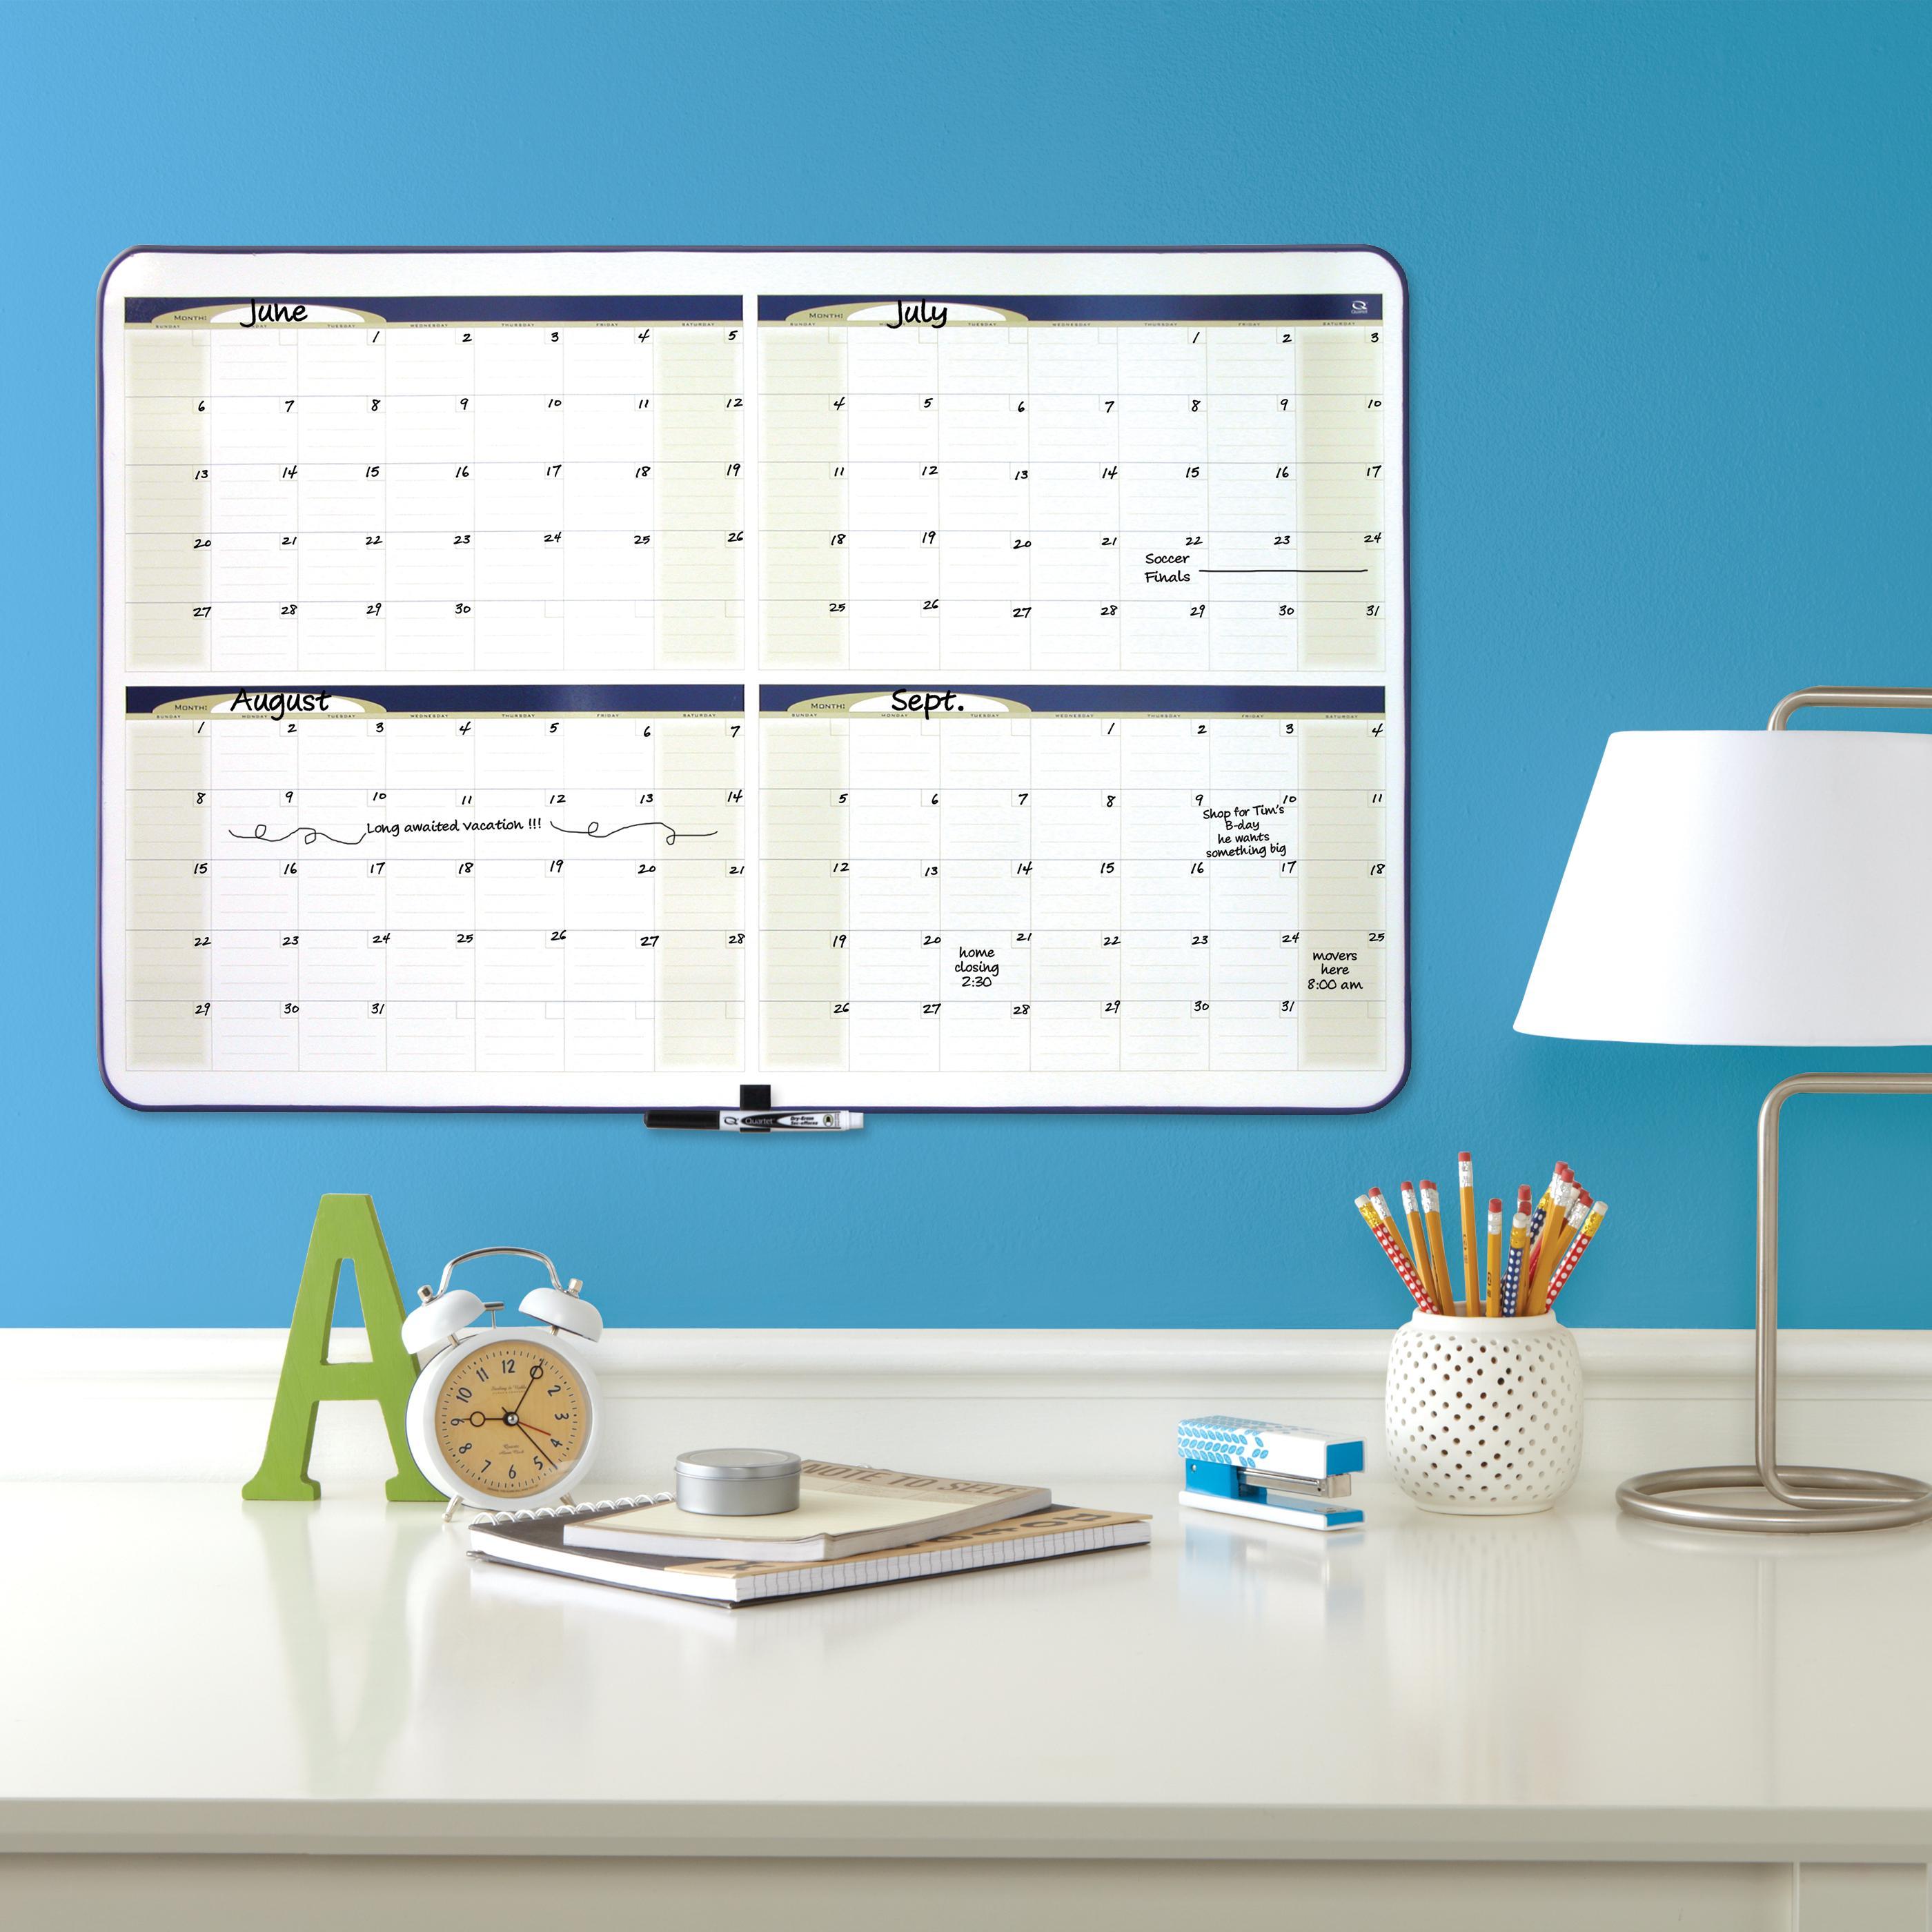 4 month planner quartet dry erase board large dry erase board whiteboard - Large Dry Erase Board